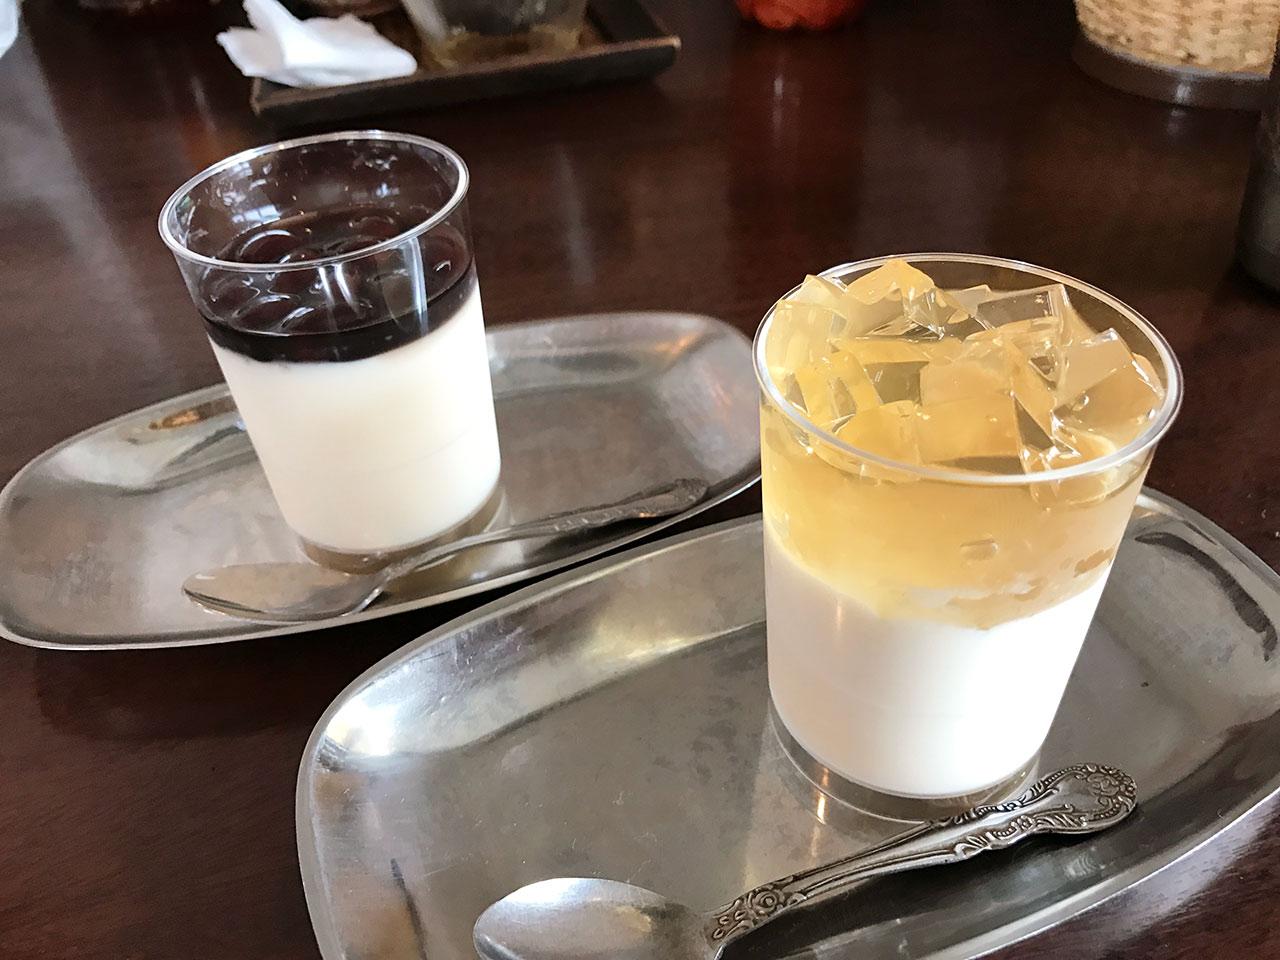 花小金井「杏s カフェ」の杏仁豆腐